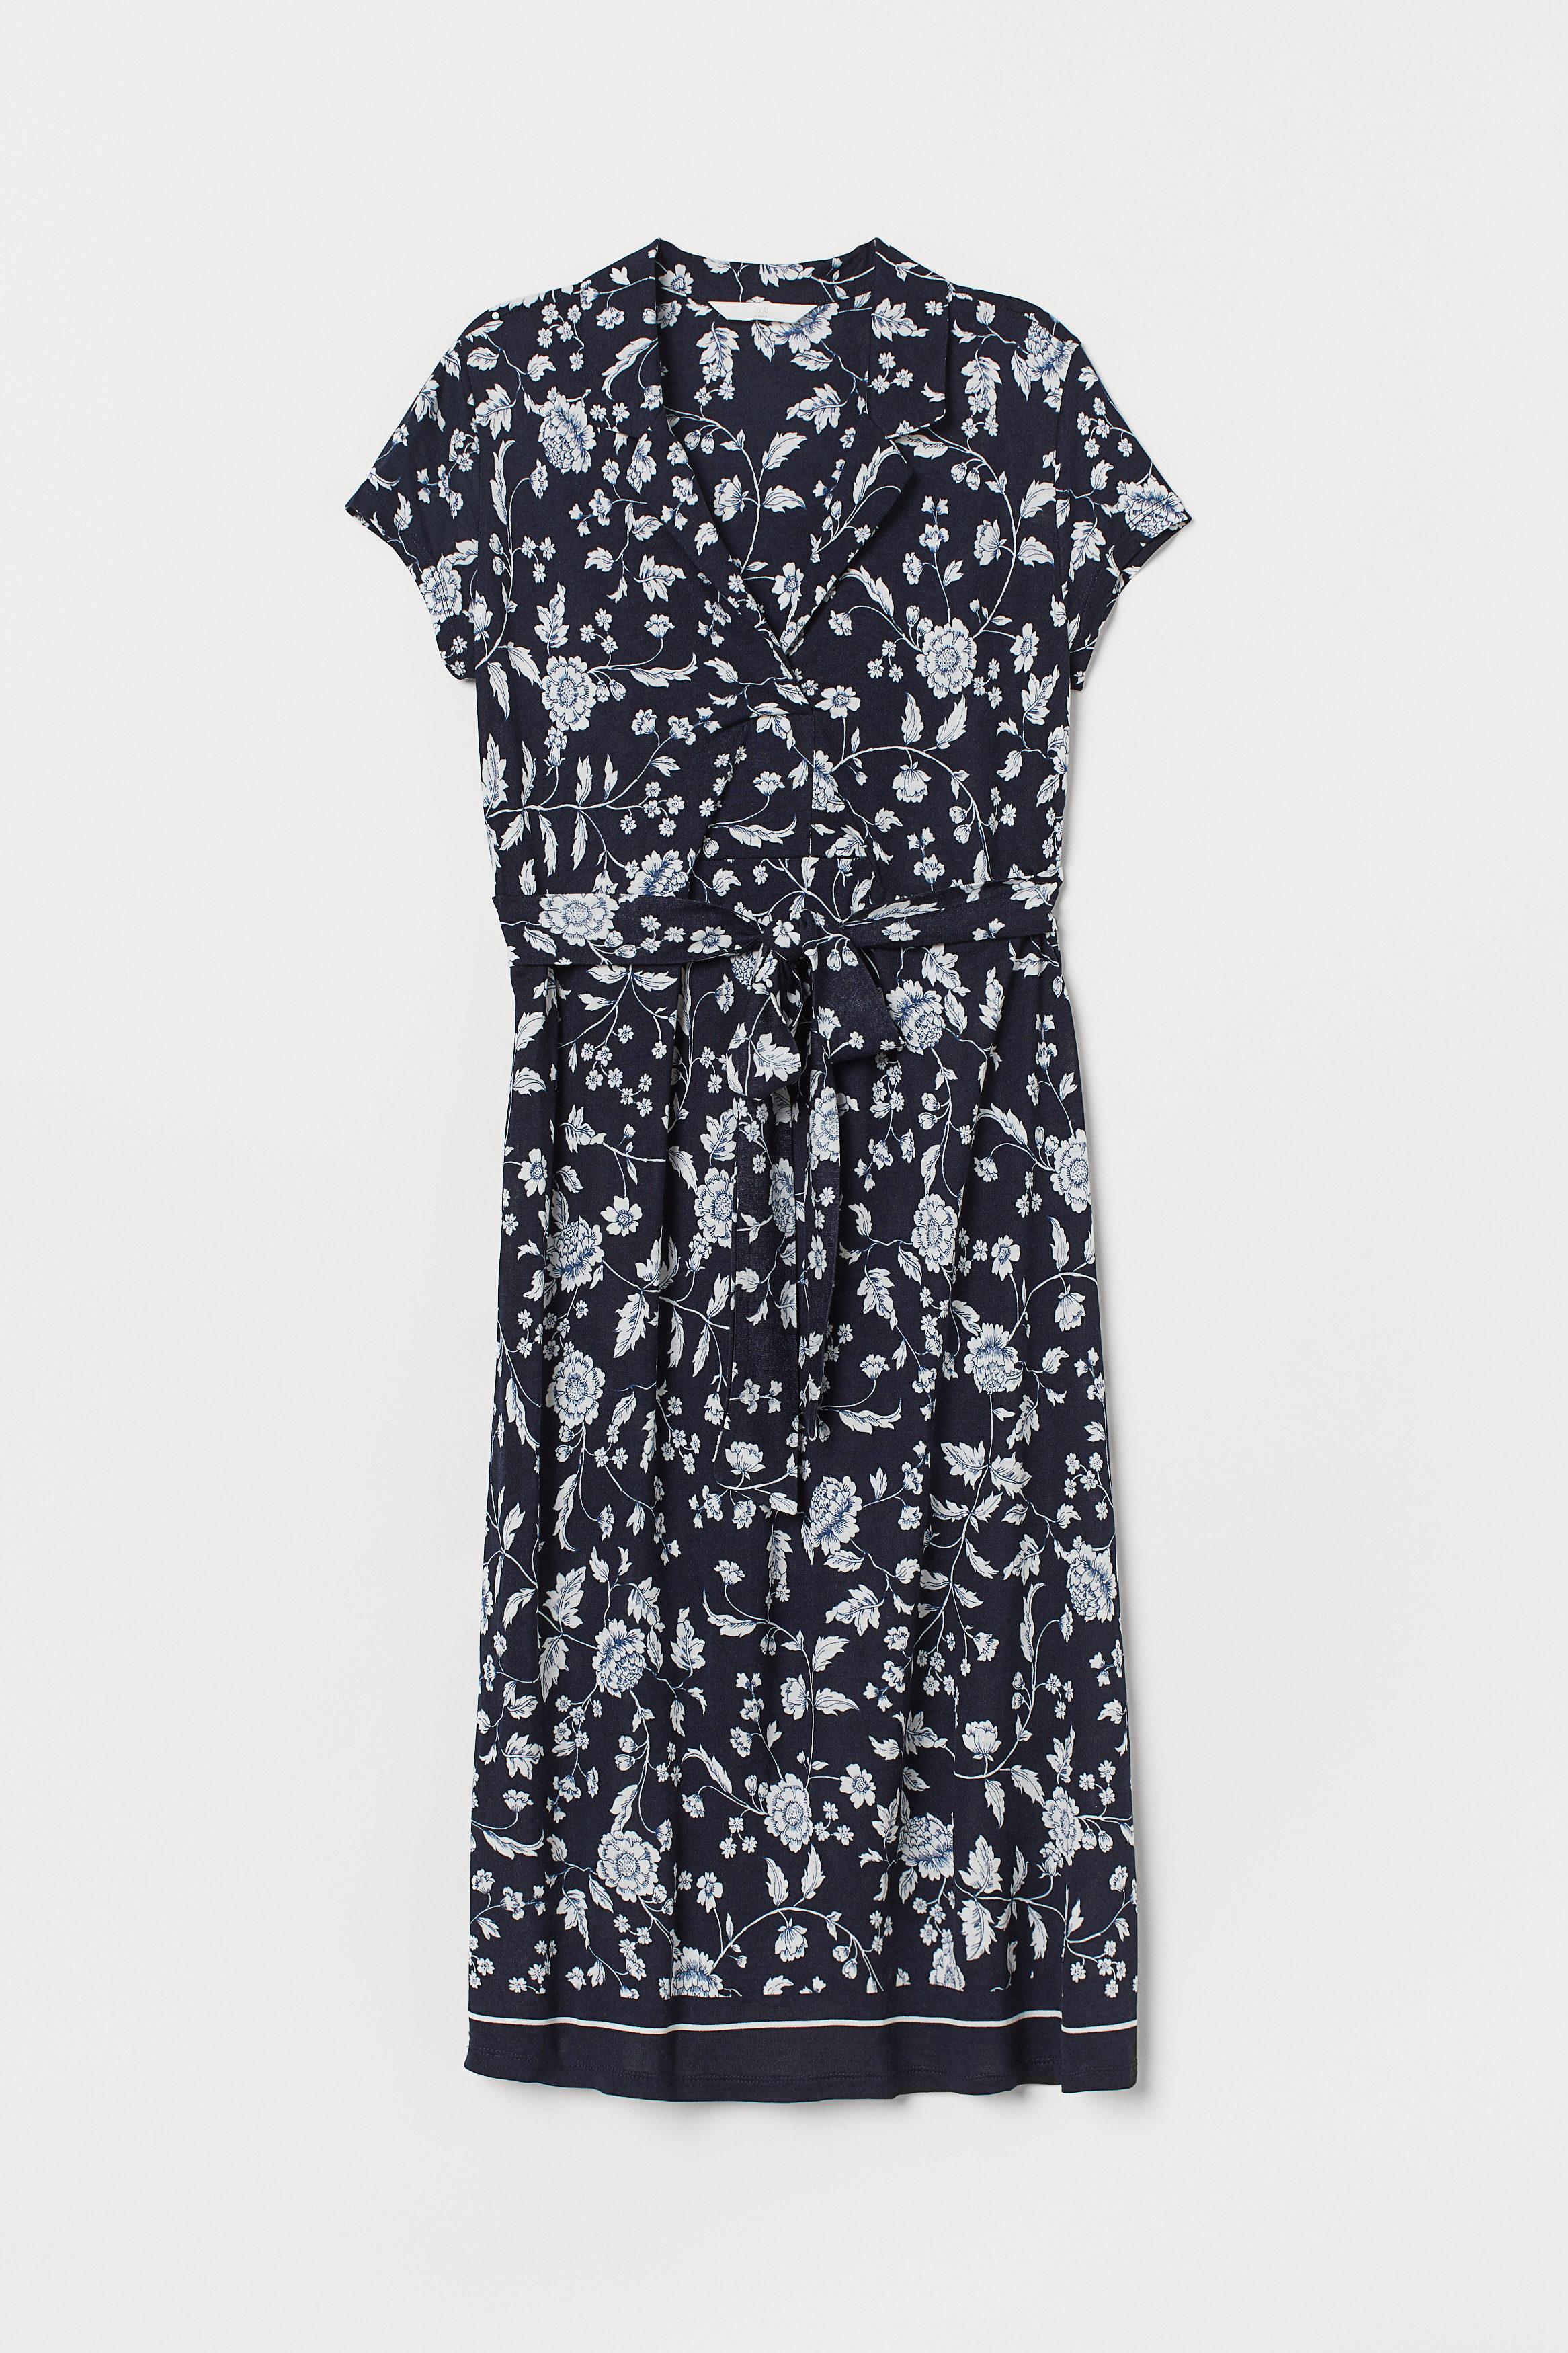 Mörkblå. En knälång klänning i viskostrikå. Klänningen är